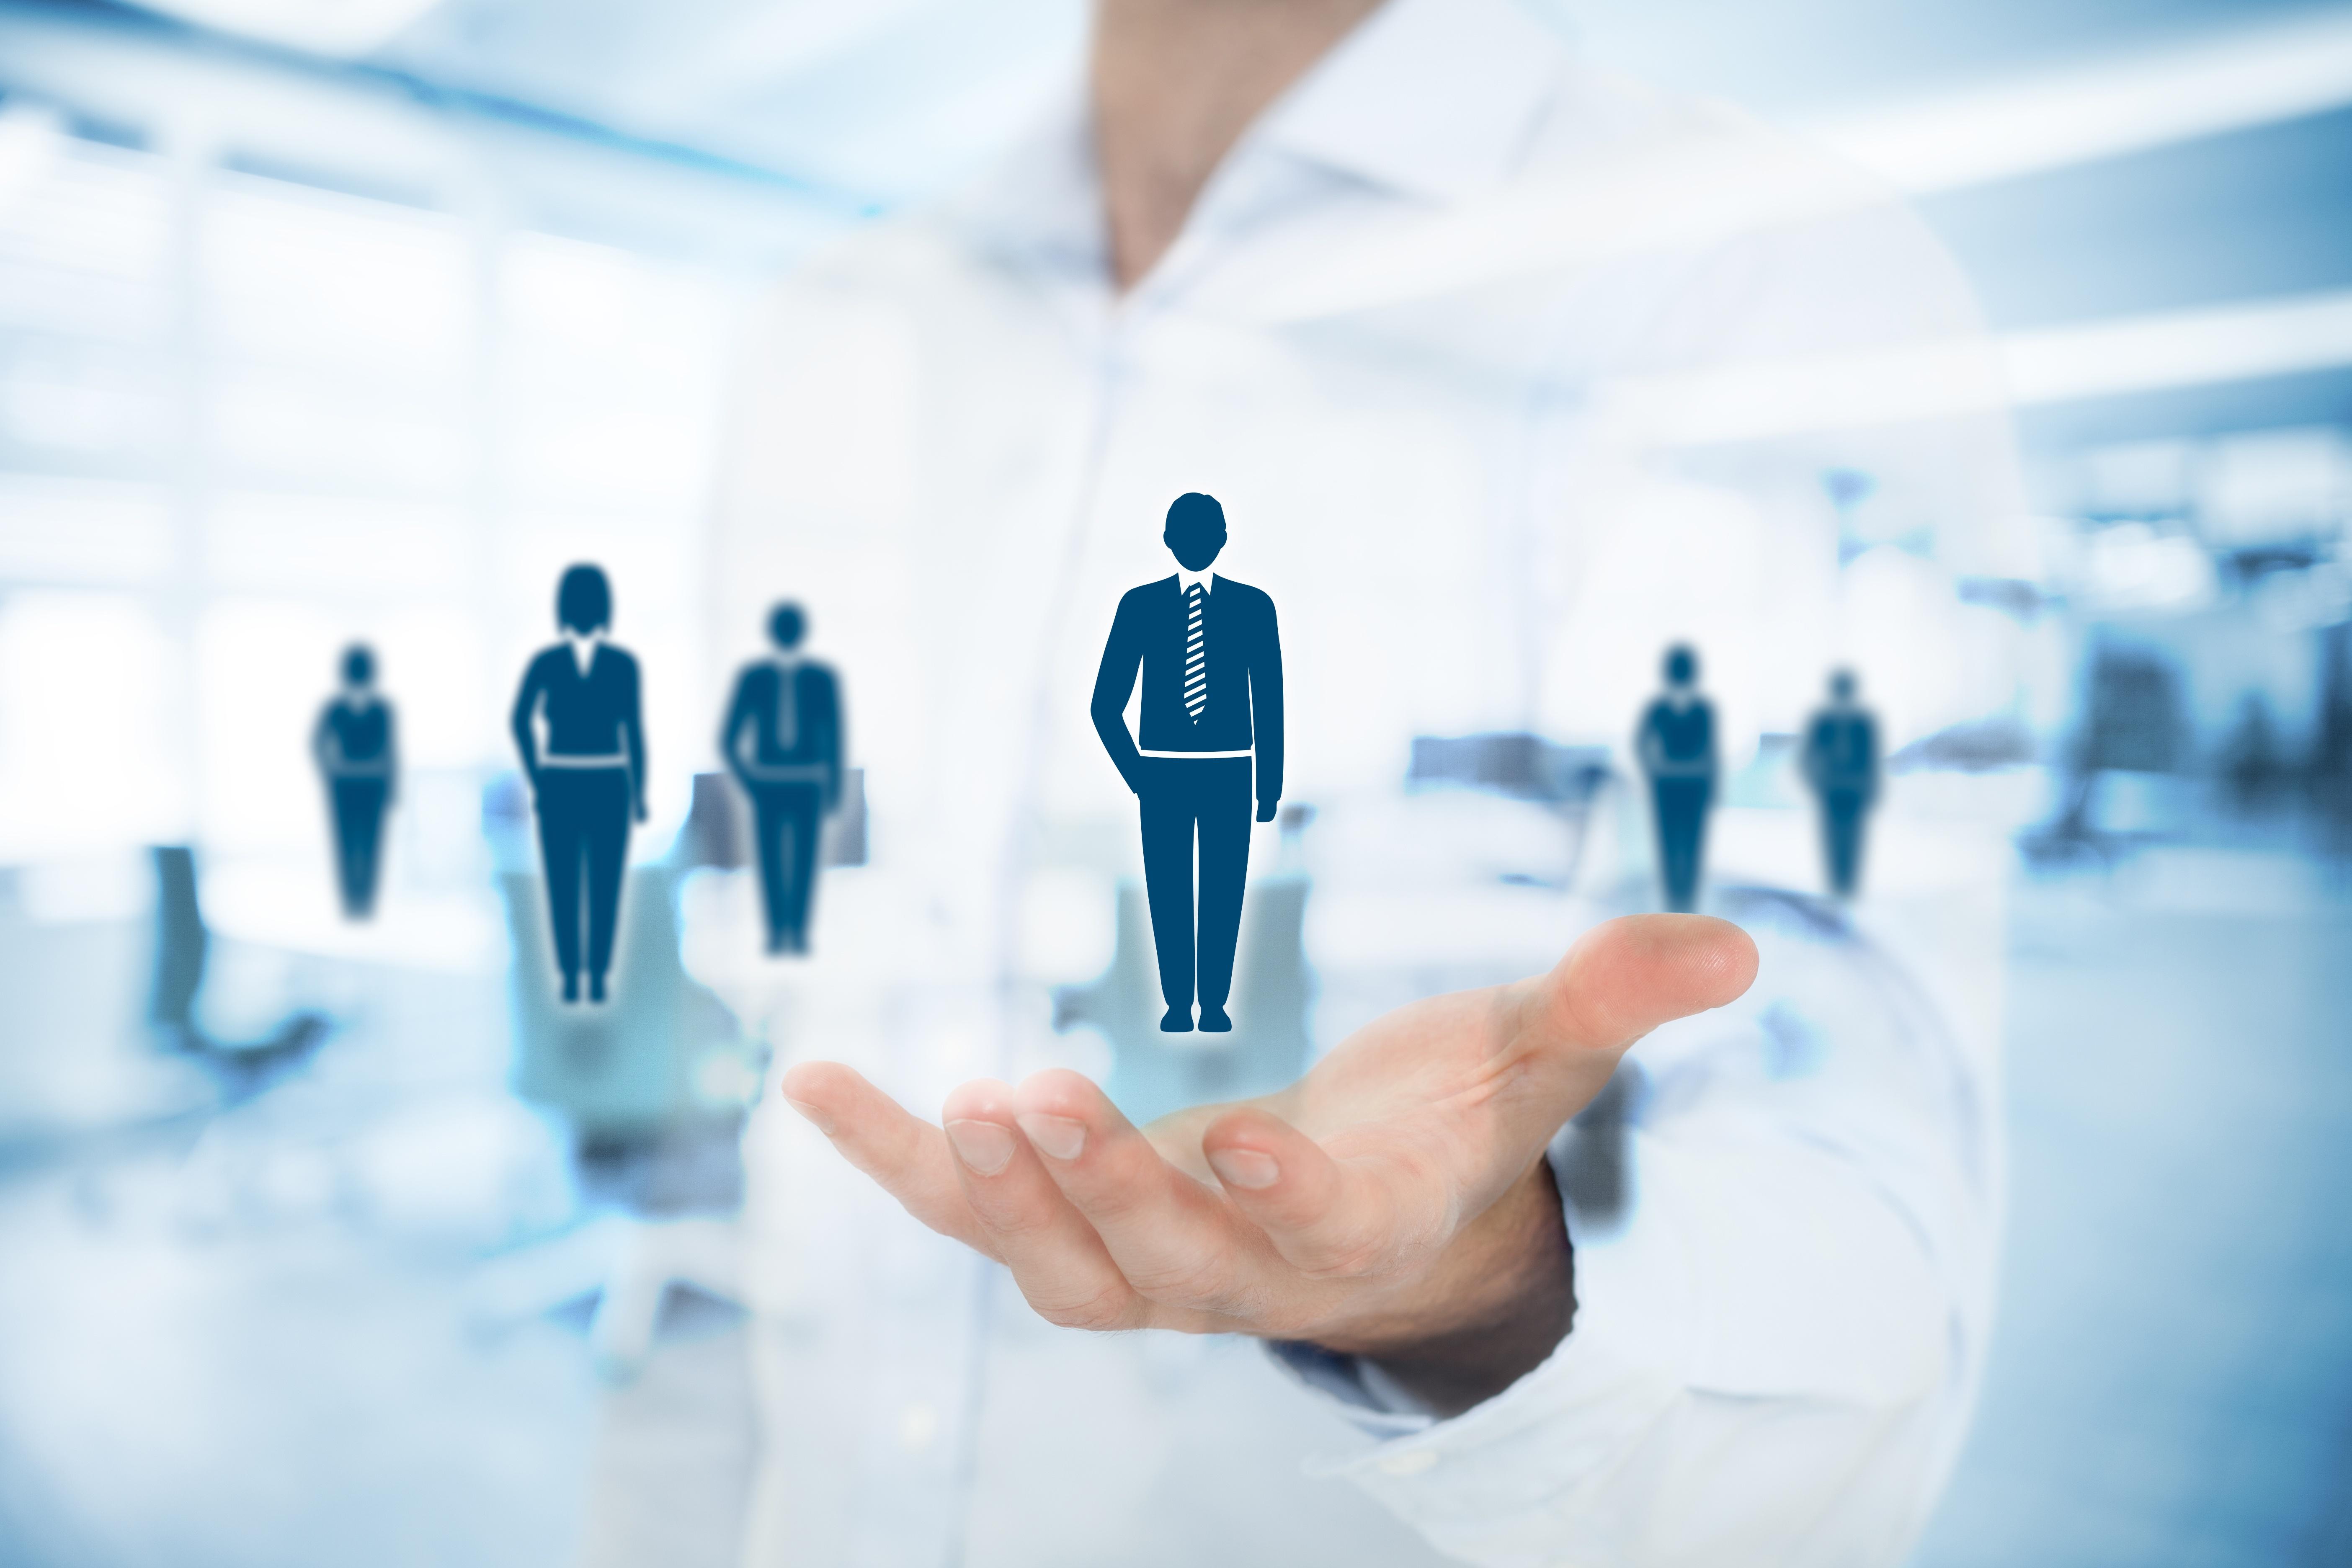 La evolución de la gestión del capital humano en los Recursos Humanos (RR.HH)